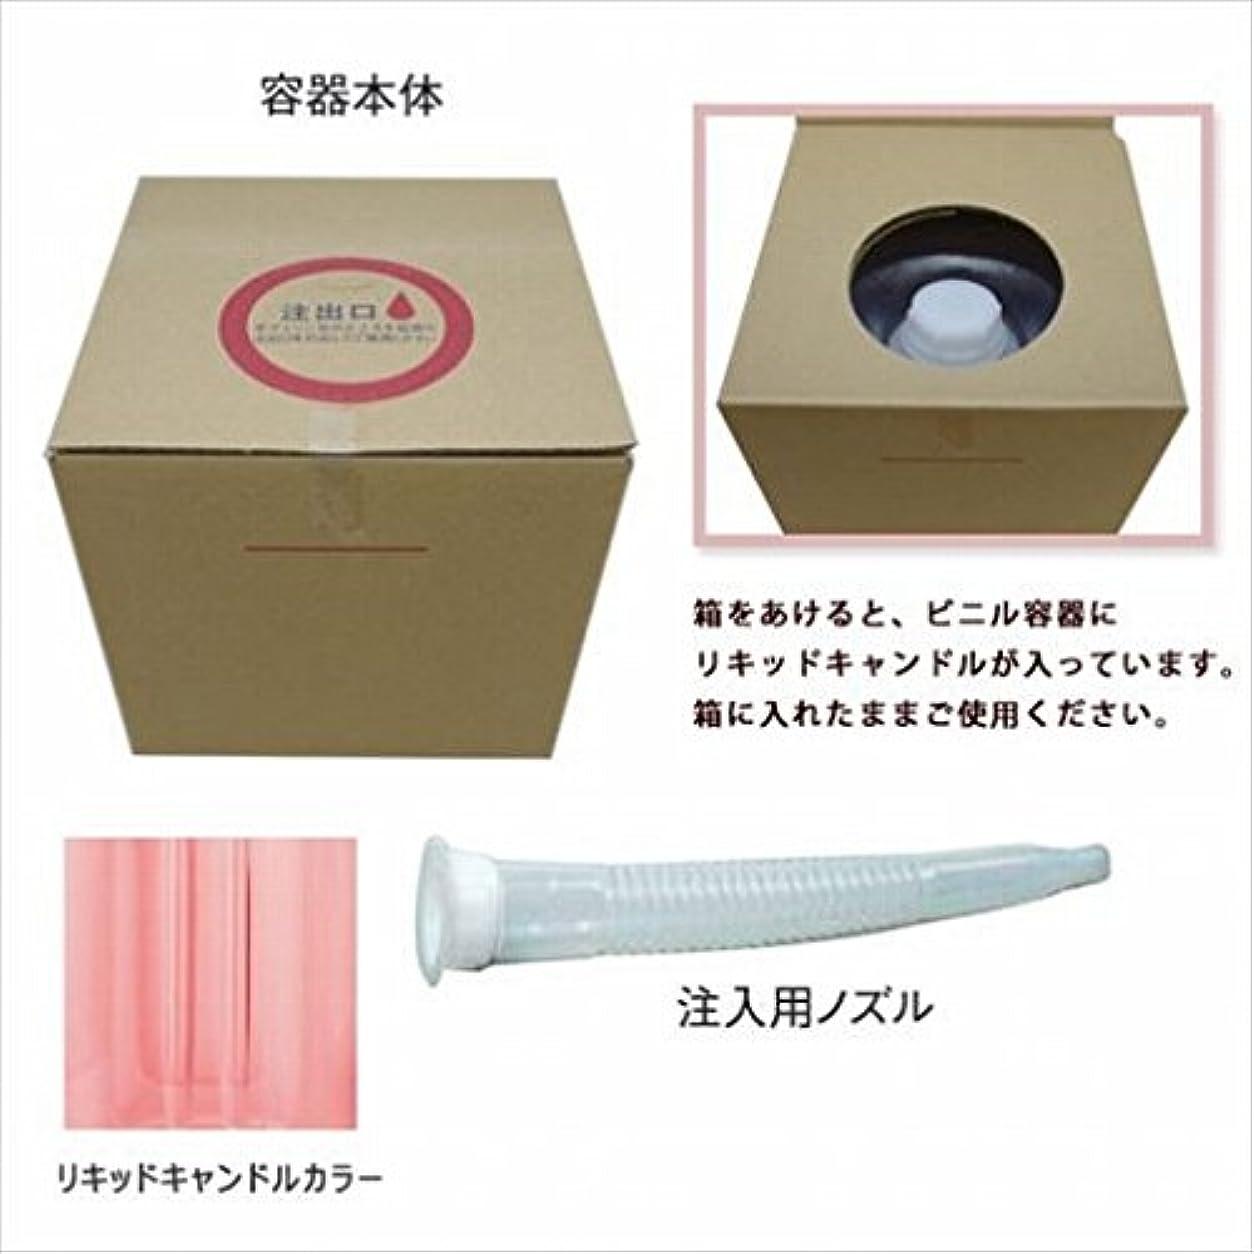 フォーマット慰めバウンスカメヤマキャンドル(kameyama candle) リキッドキャンドル5リットル 「 ピンク 」